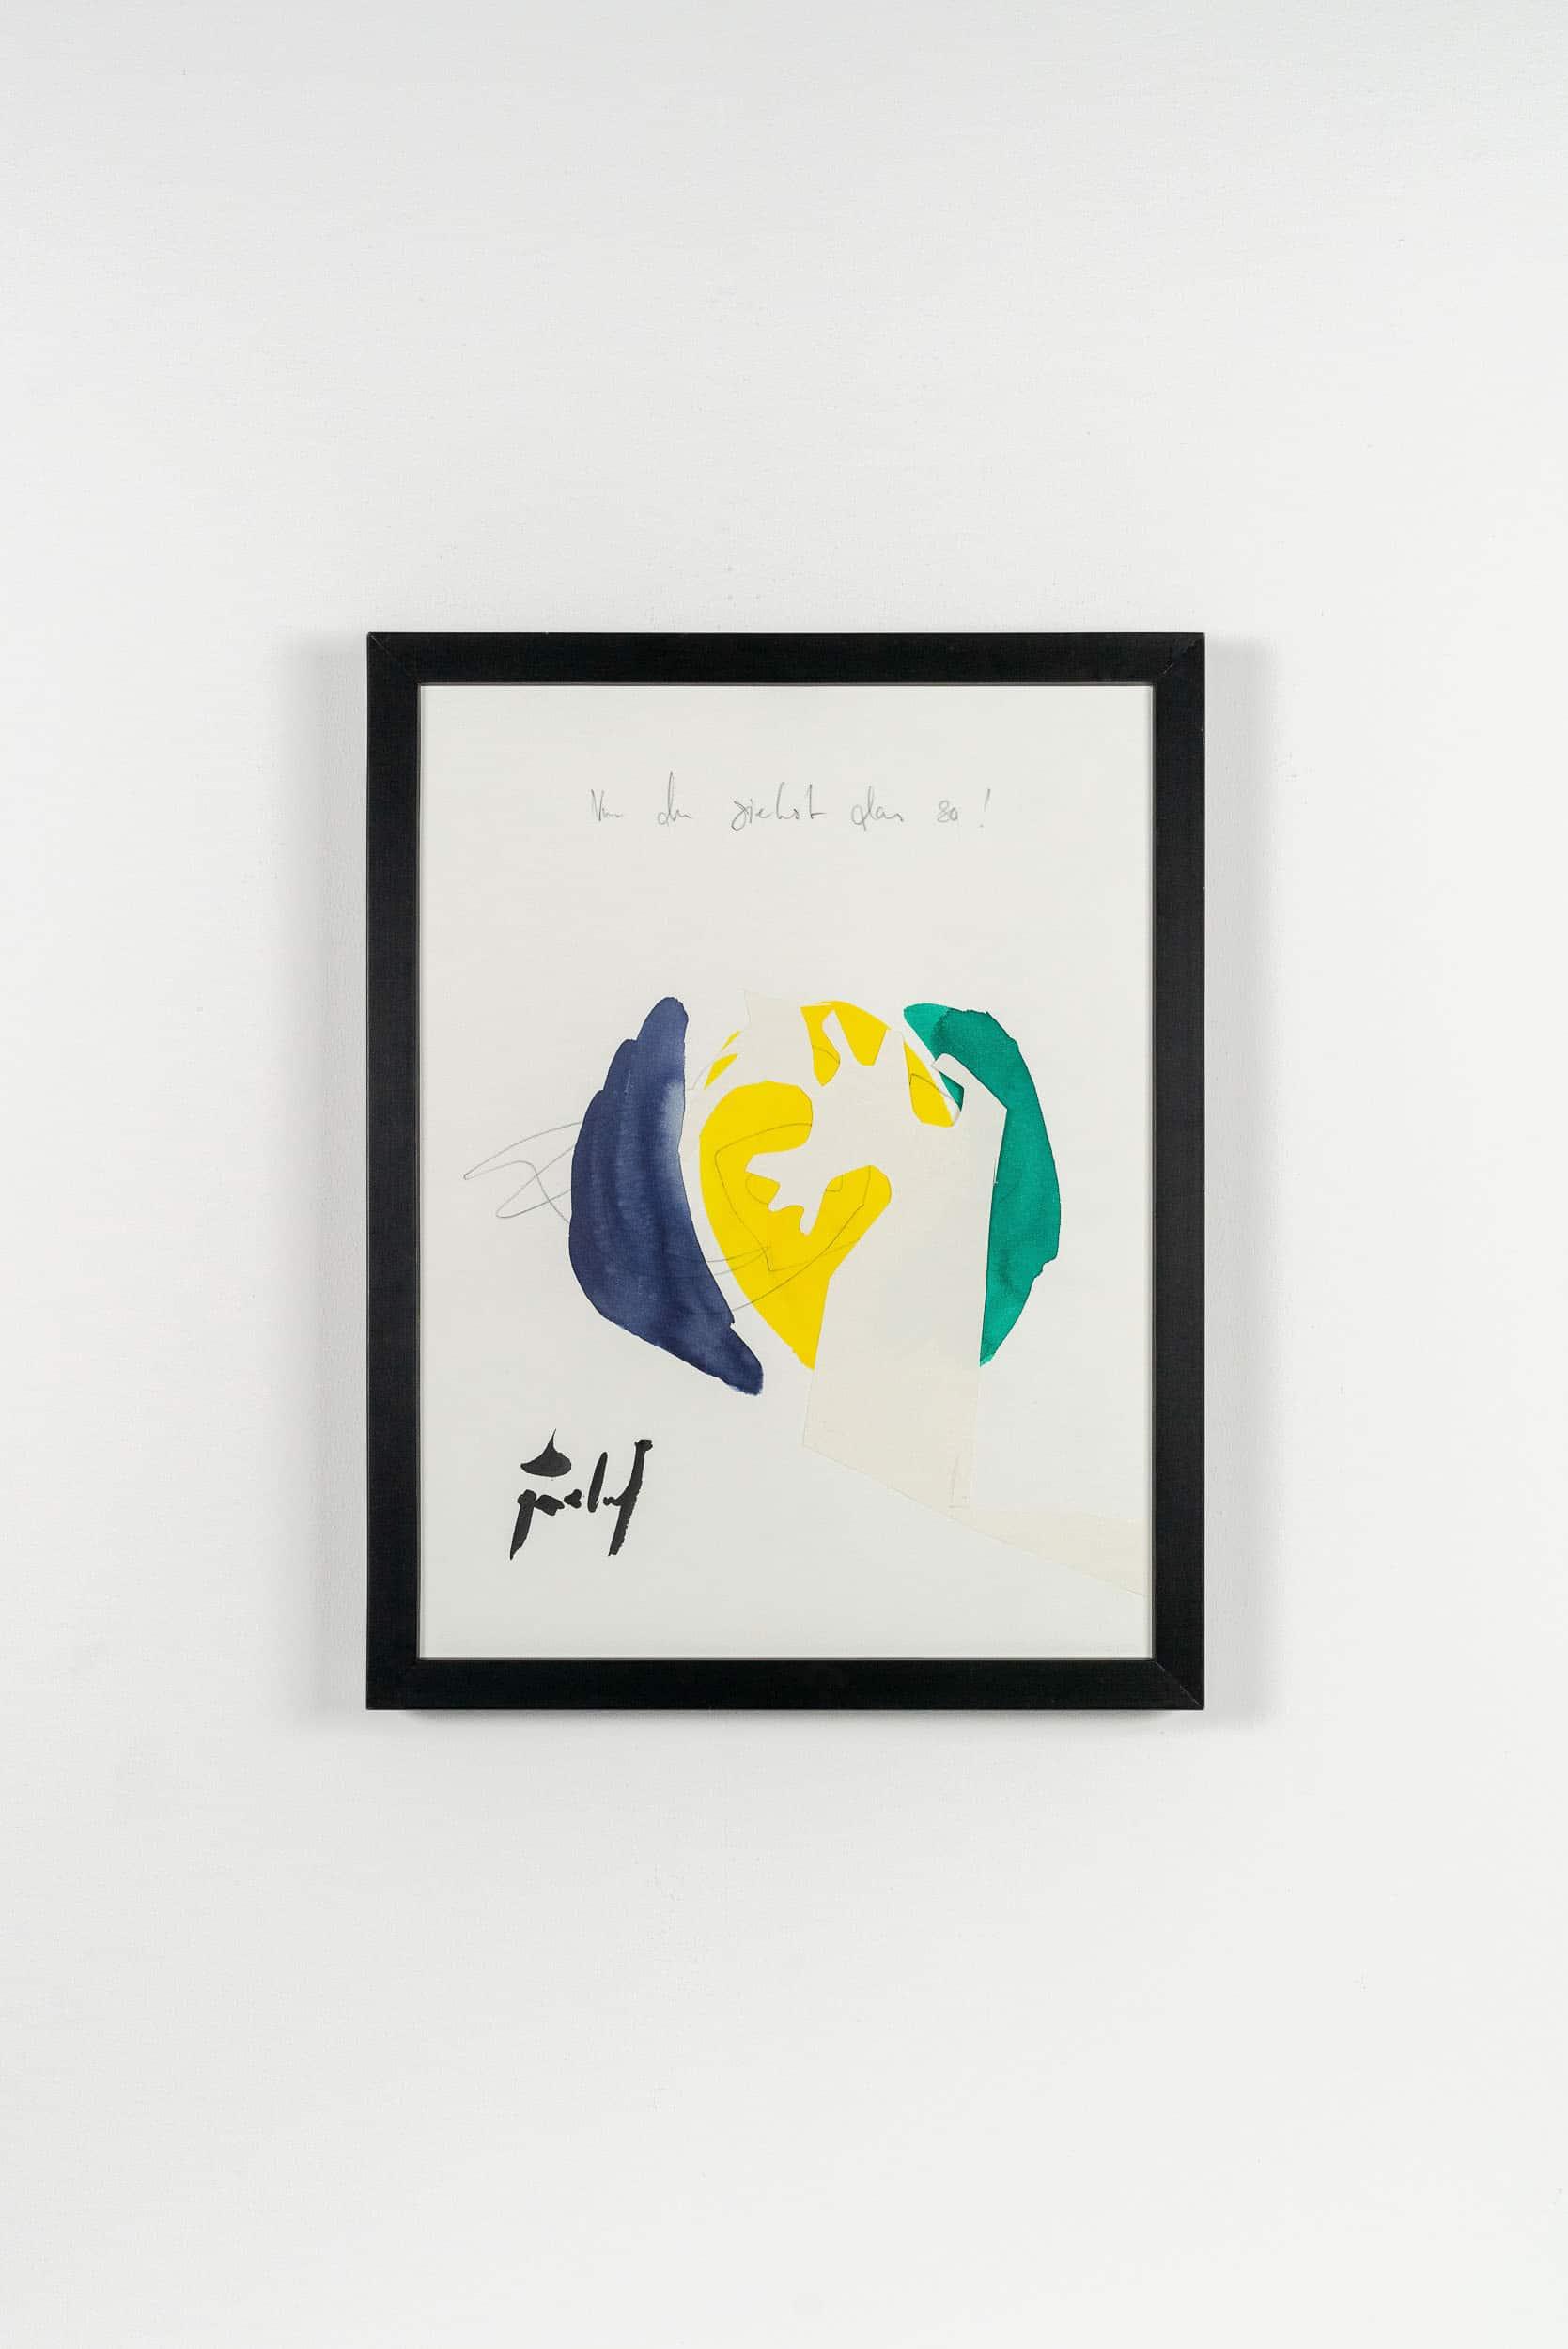 SiL22 Unterschiedliche Ansichten 30 × 40 cm Tusche / Papier / Graphit / Scherenschnitt / Text 2013 5 Identisch